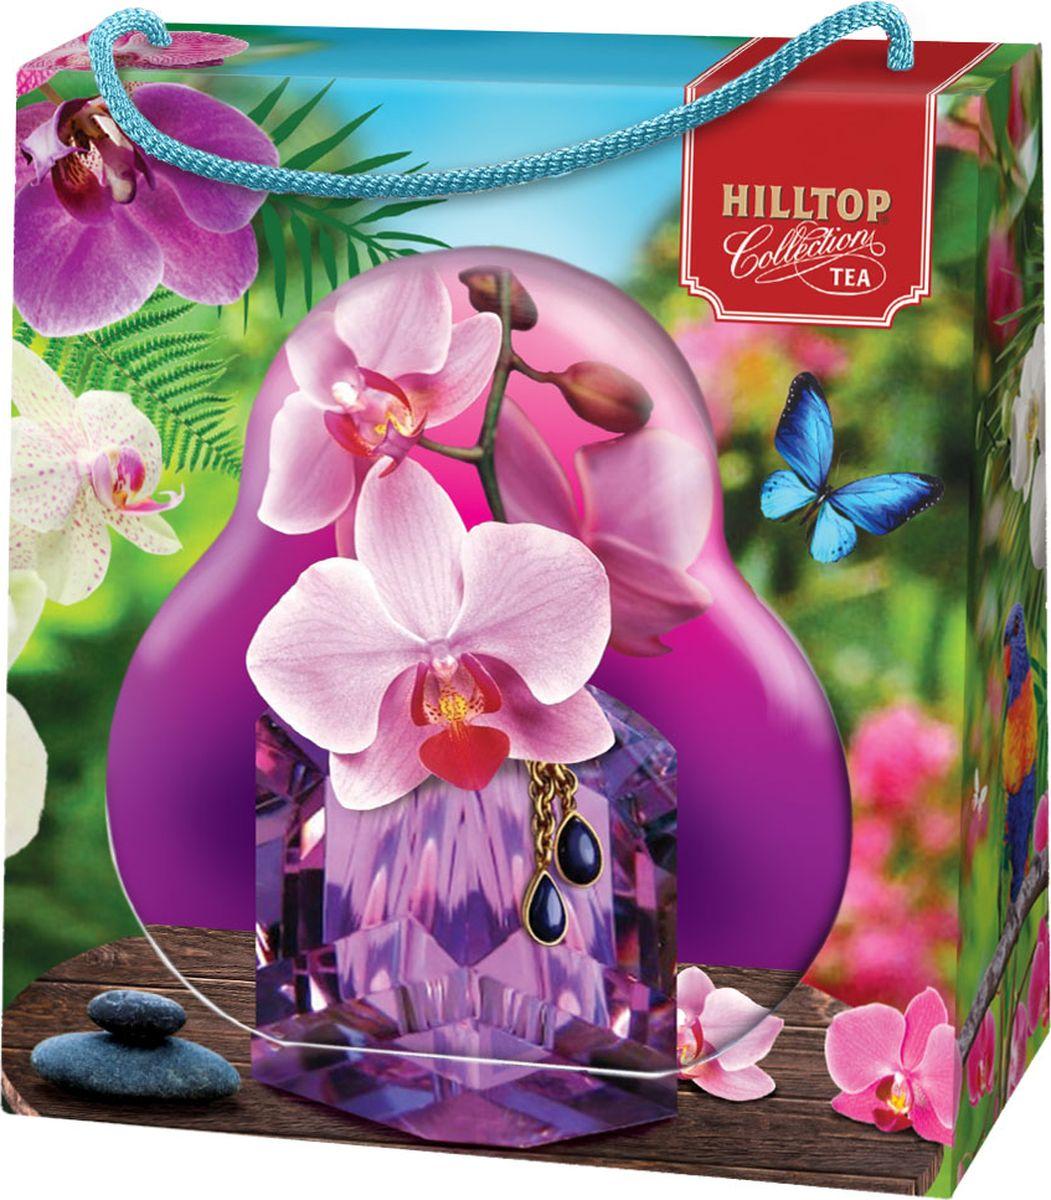 Hilltop Орхидея чай листовой с чабрецом, 50 г4607099308855_орхидеяЧай с чабрецом - чай черный цейлонский байховый крупнолистовой с чабрецом.